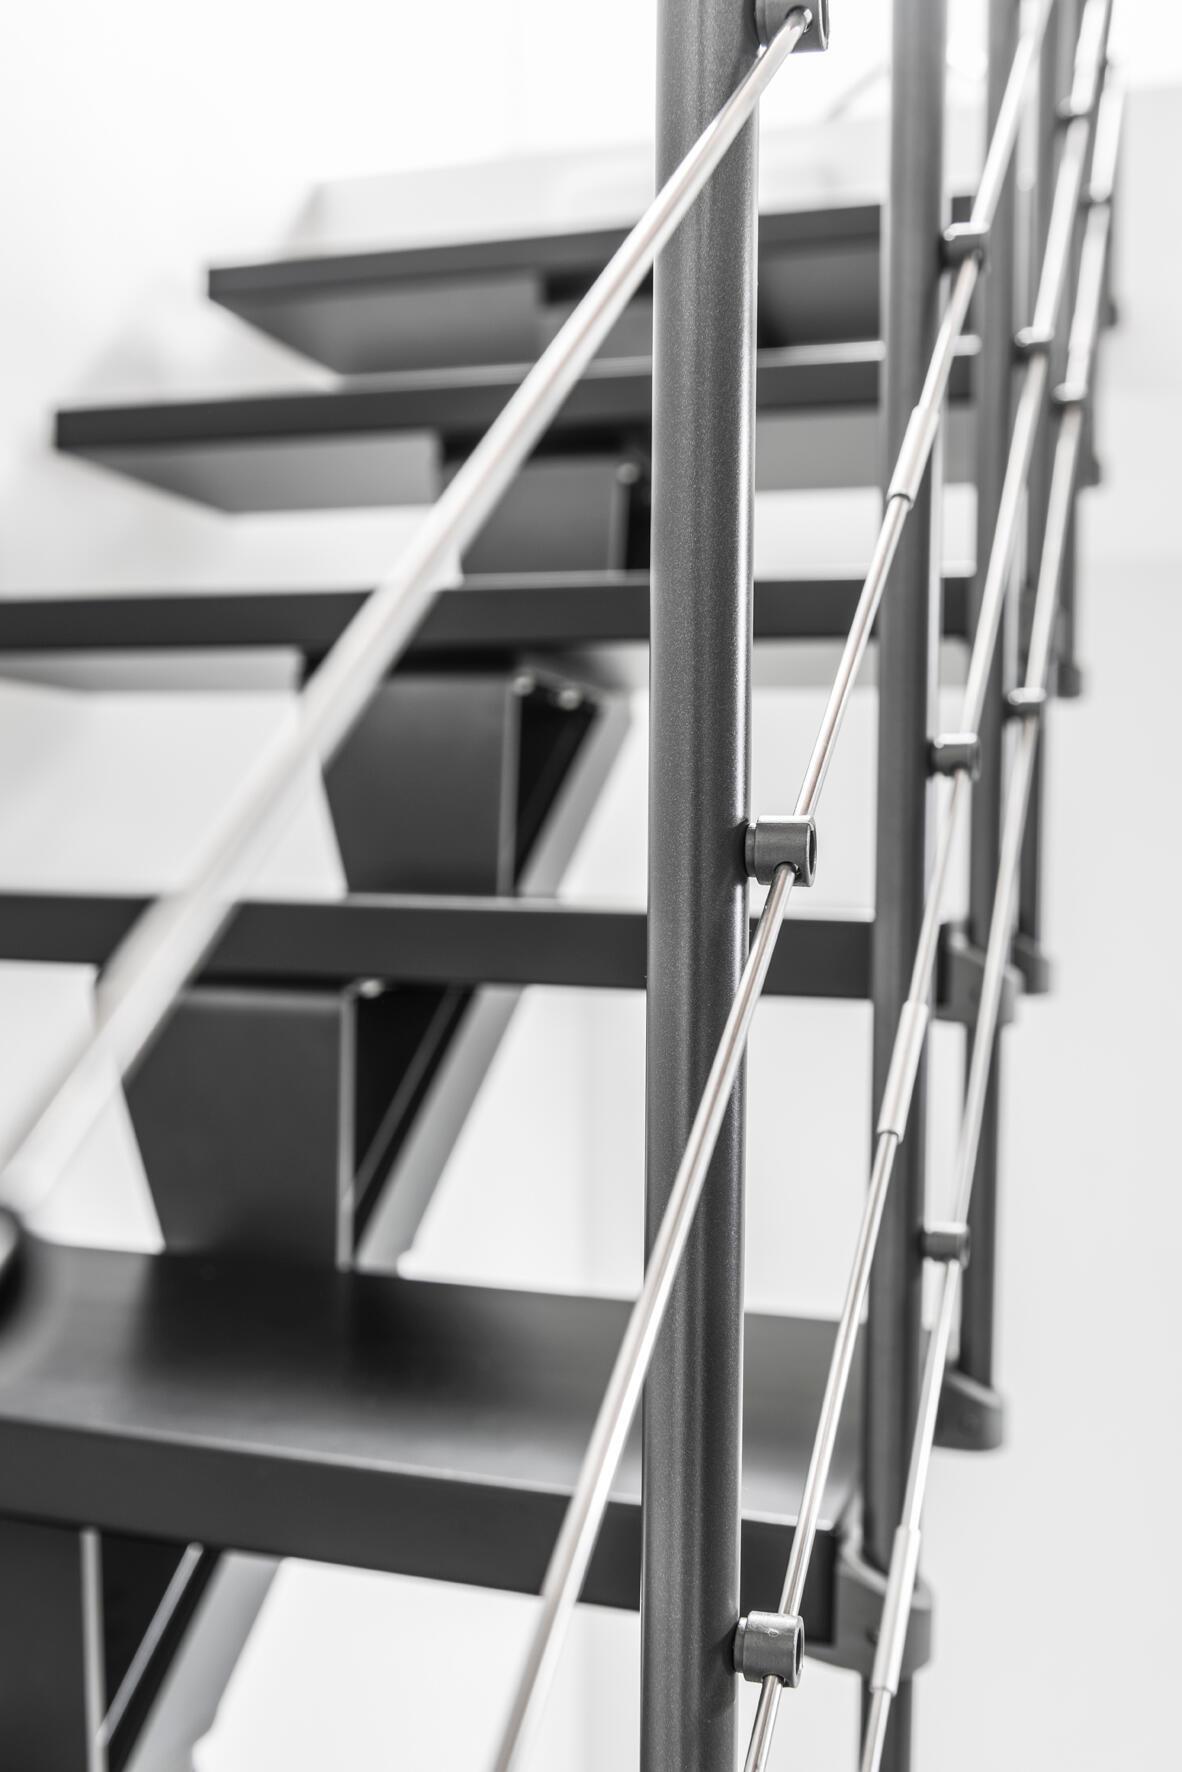 Scala a rampa 1/4 di giro Mas FONTANOT L 85 cm, gradino grigio antracite scuro, struttura antracite - 22